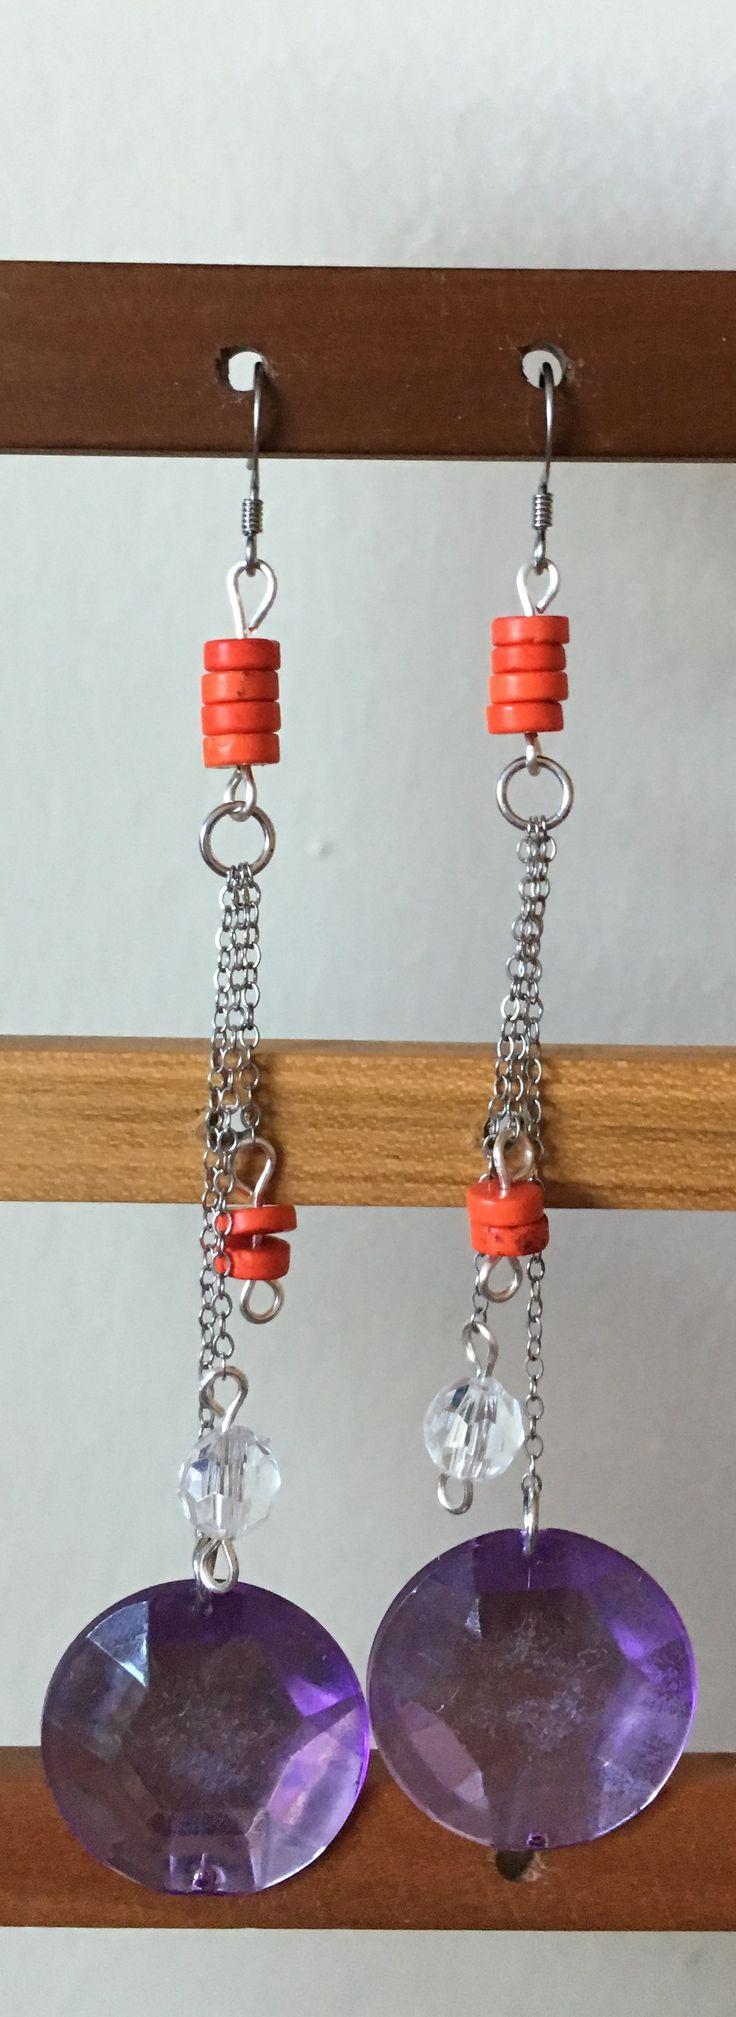 Dainty wow earrings by MaxAna x